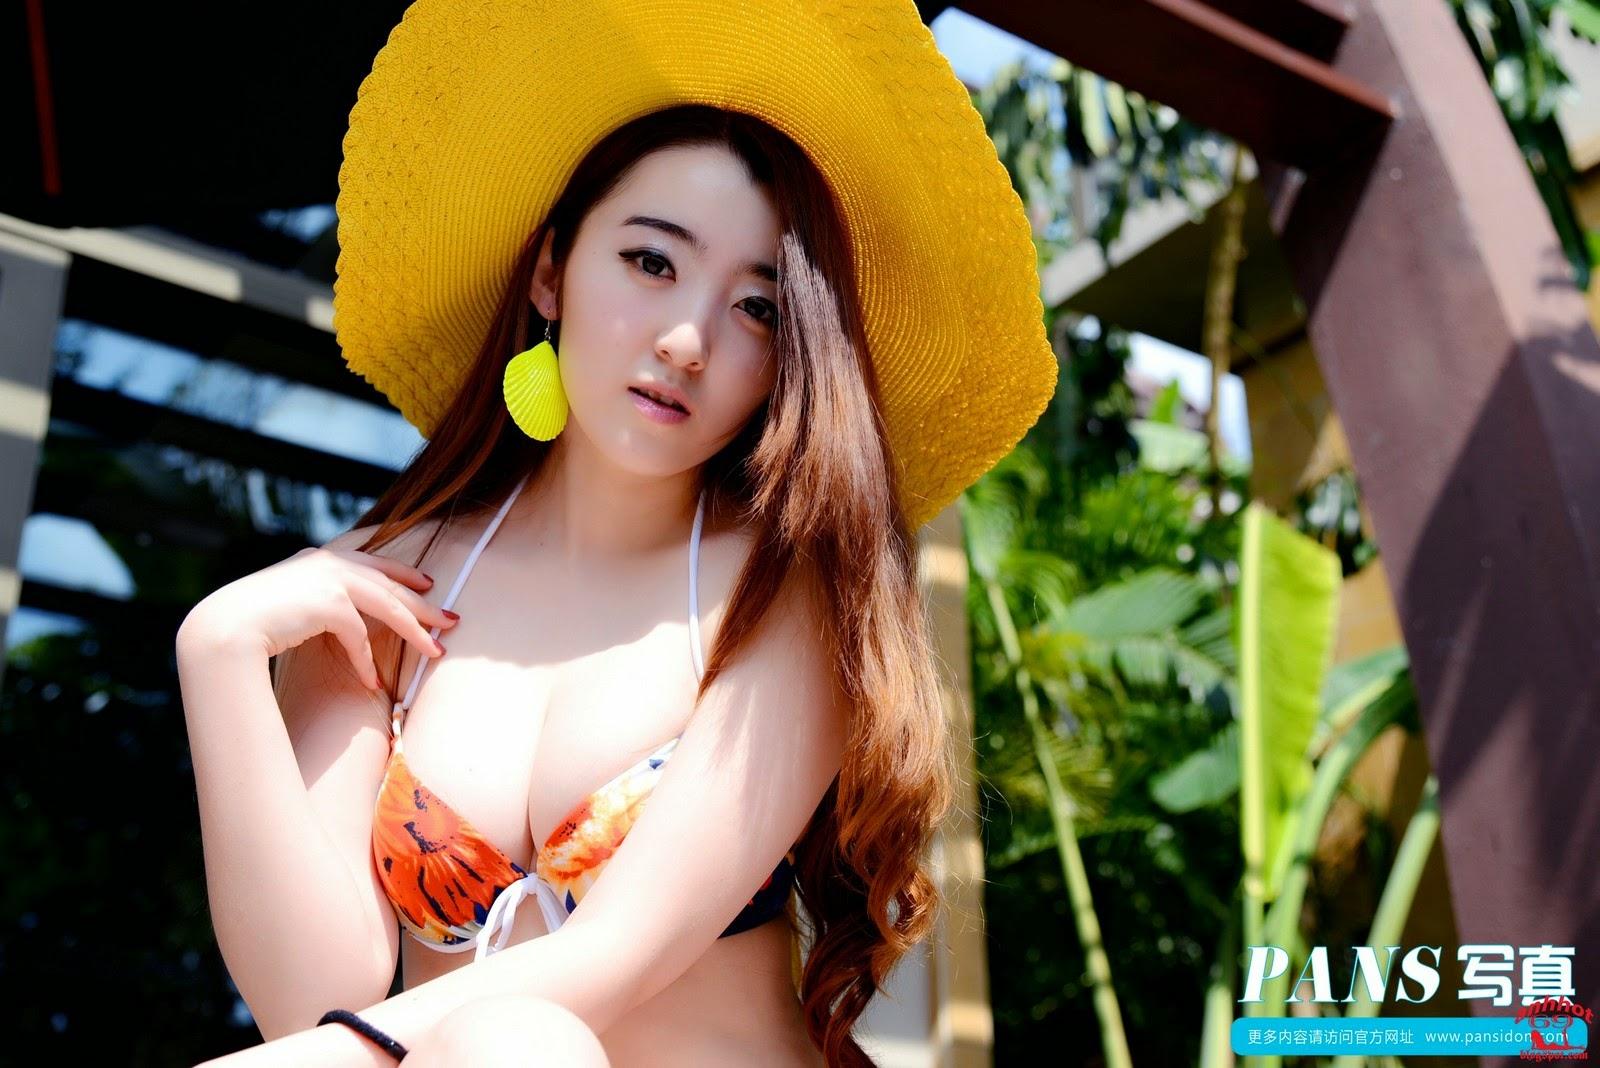 zi_xuan-pansidon-02535151